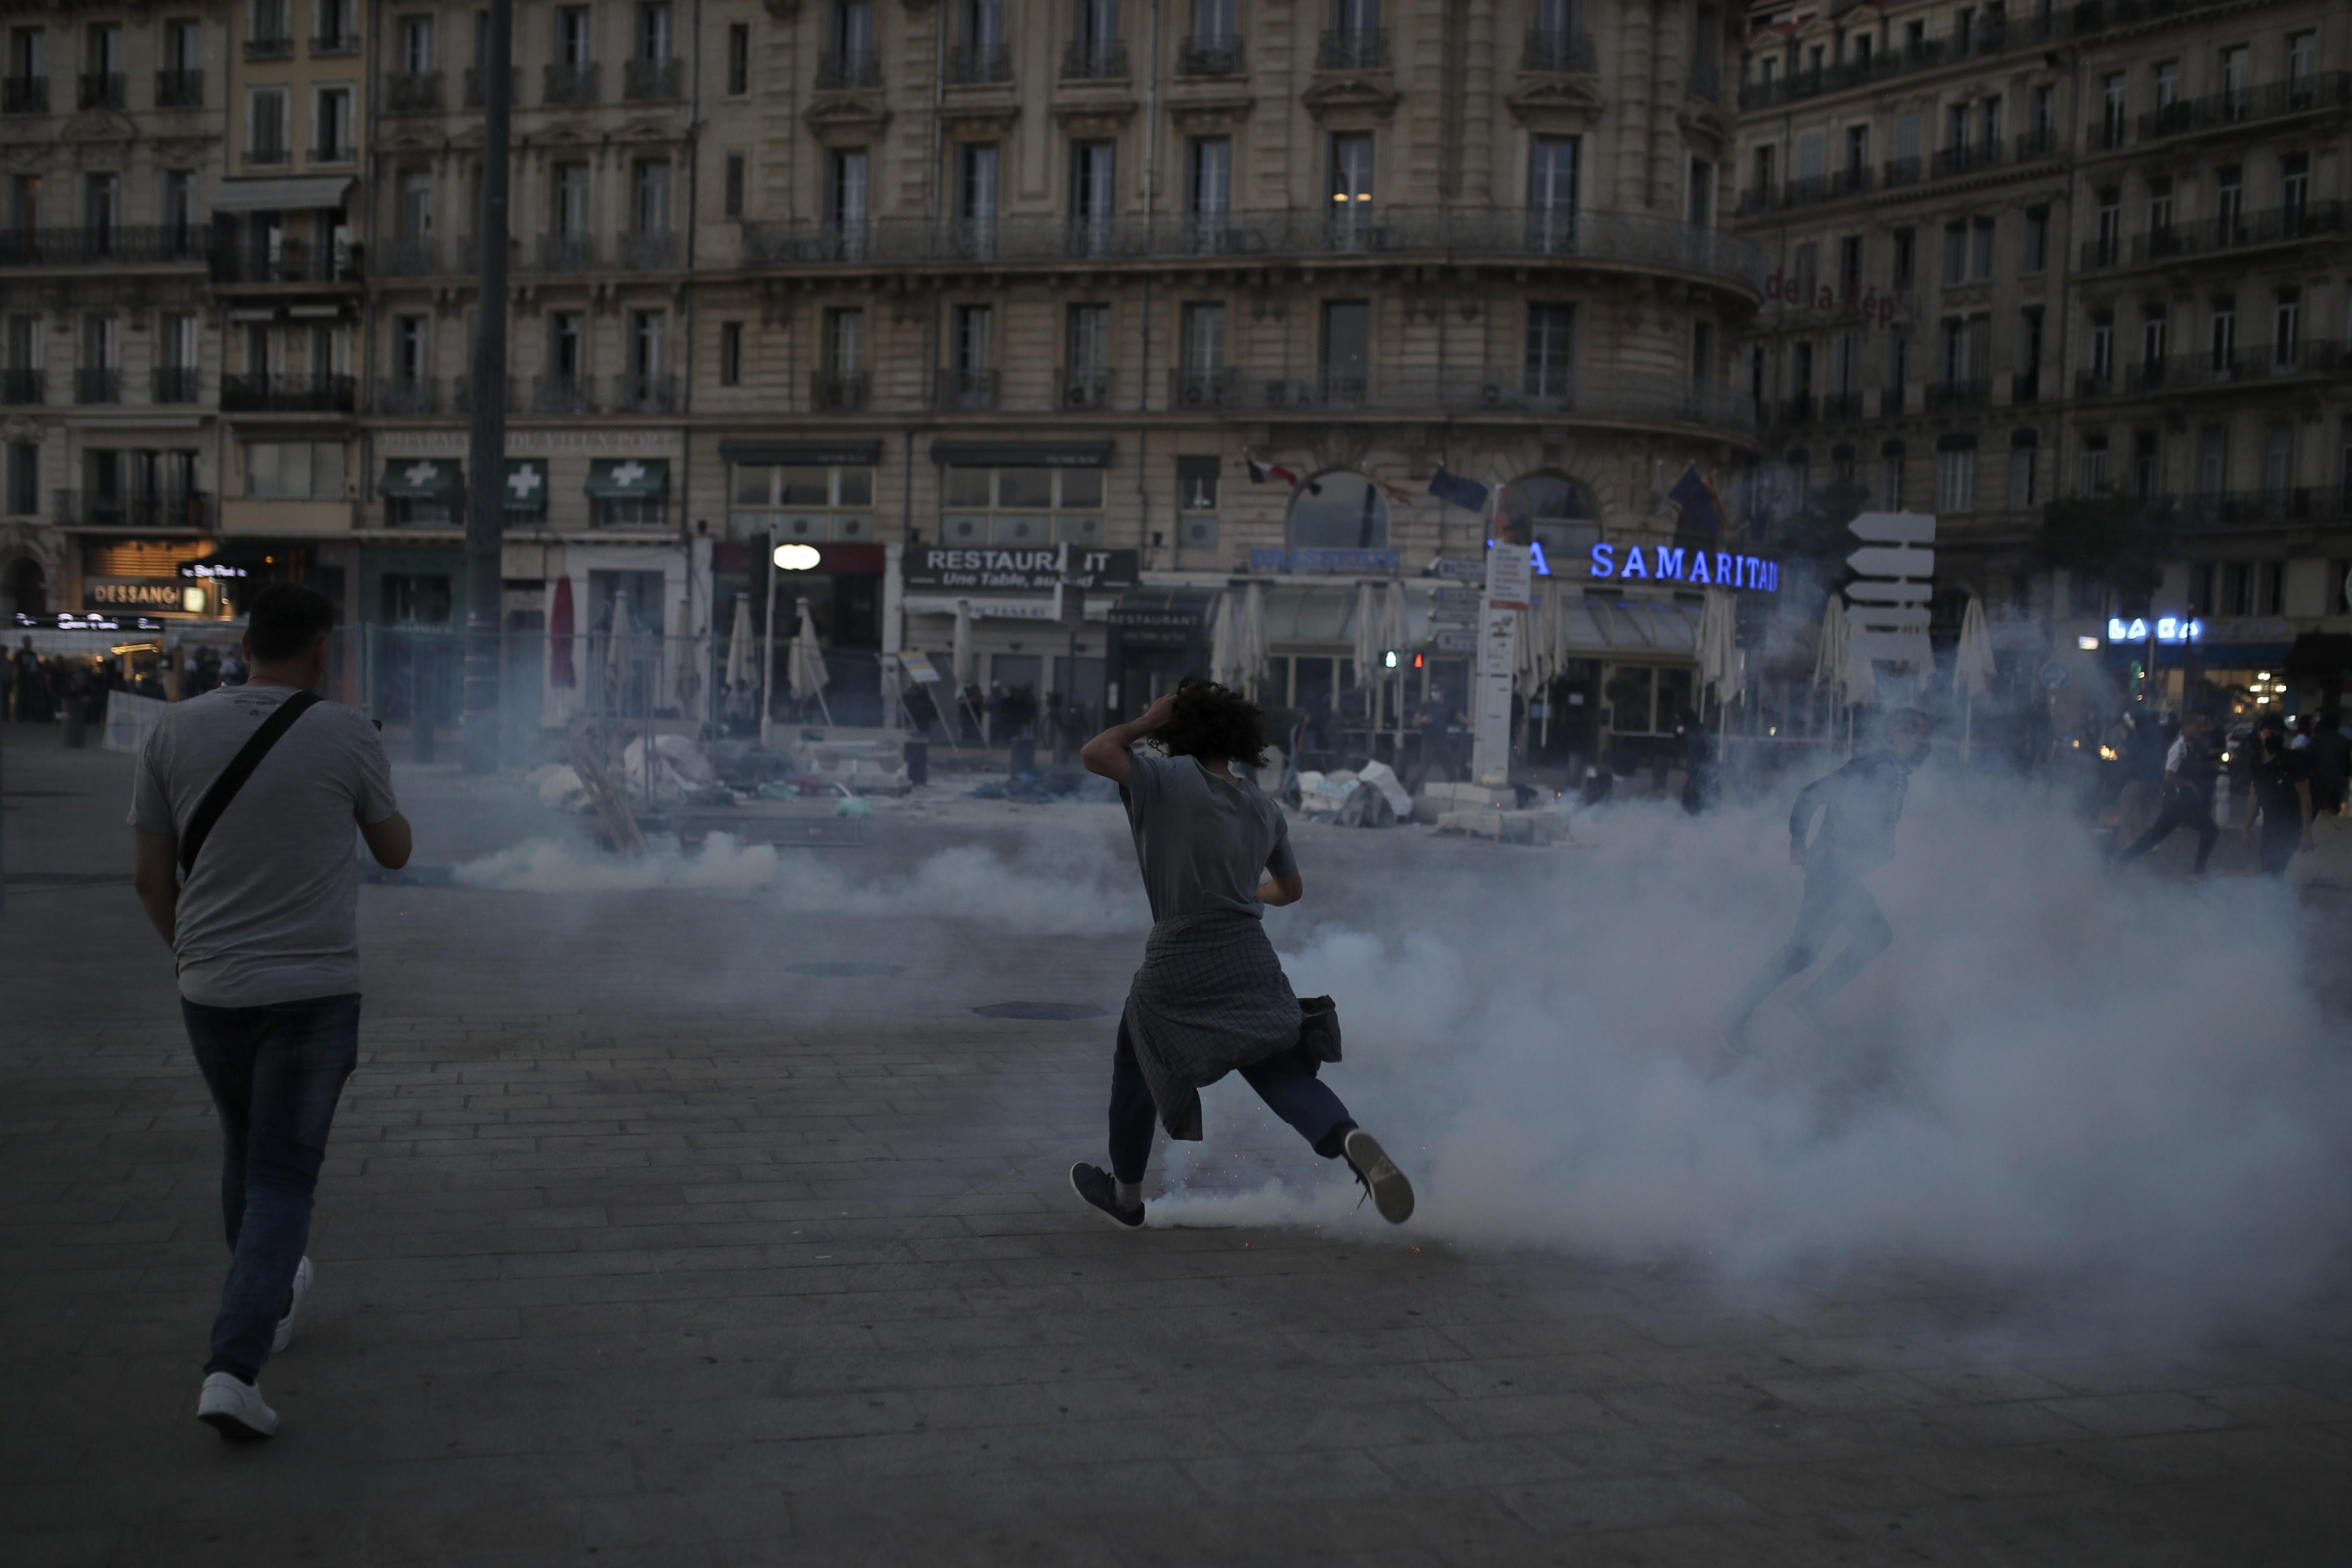 Polícia e manifestantes contra racismo entram em confronto em Paris